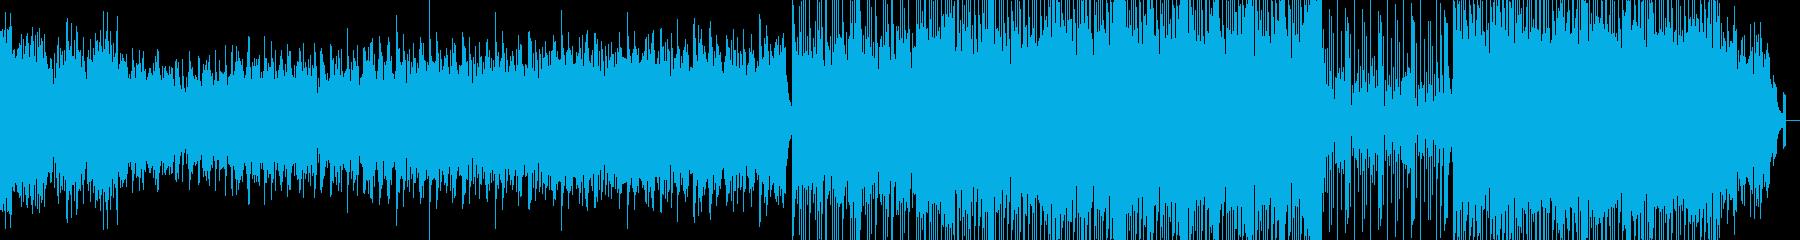 モダンポップ。の再生済みの波形